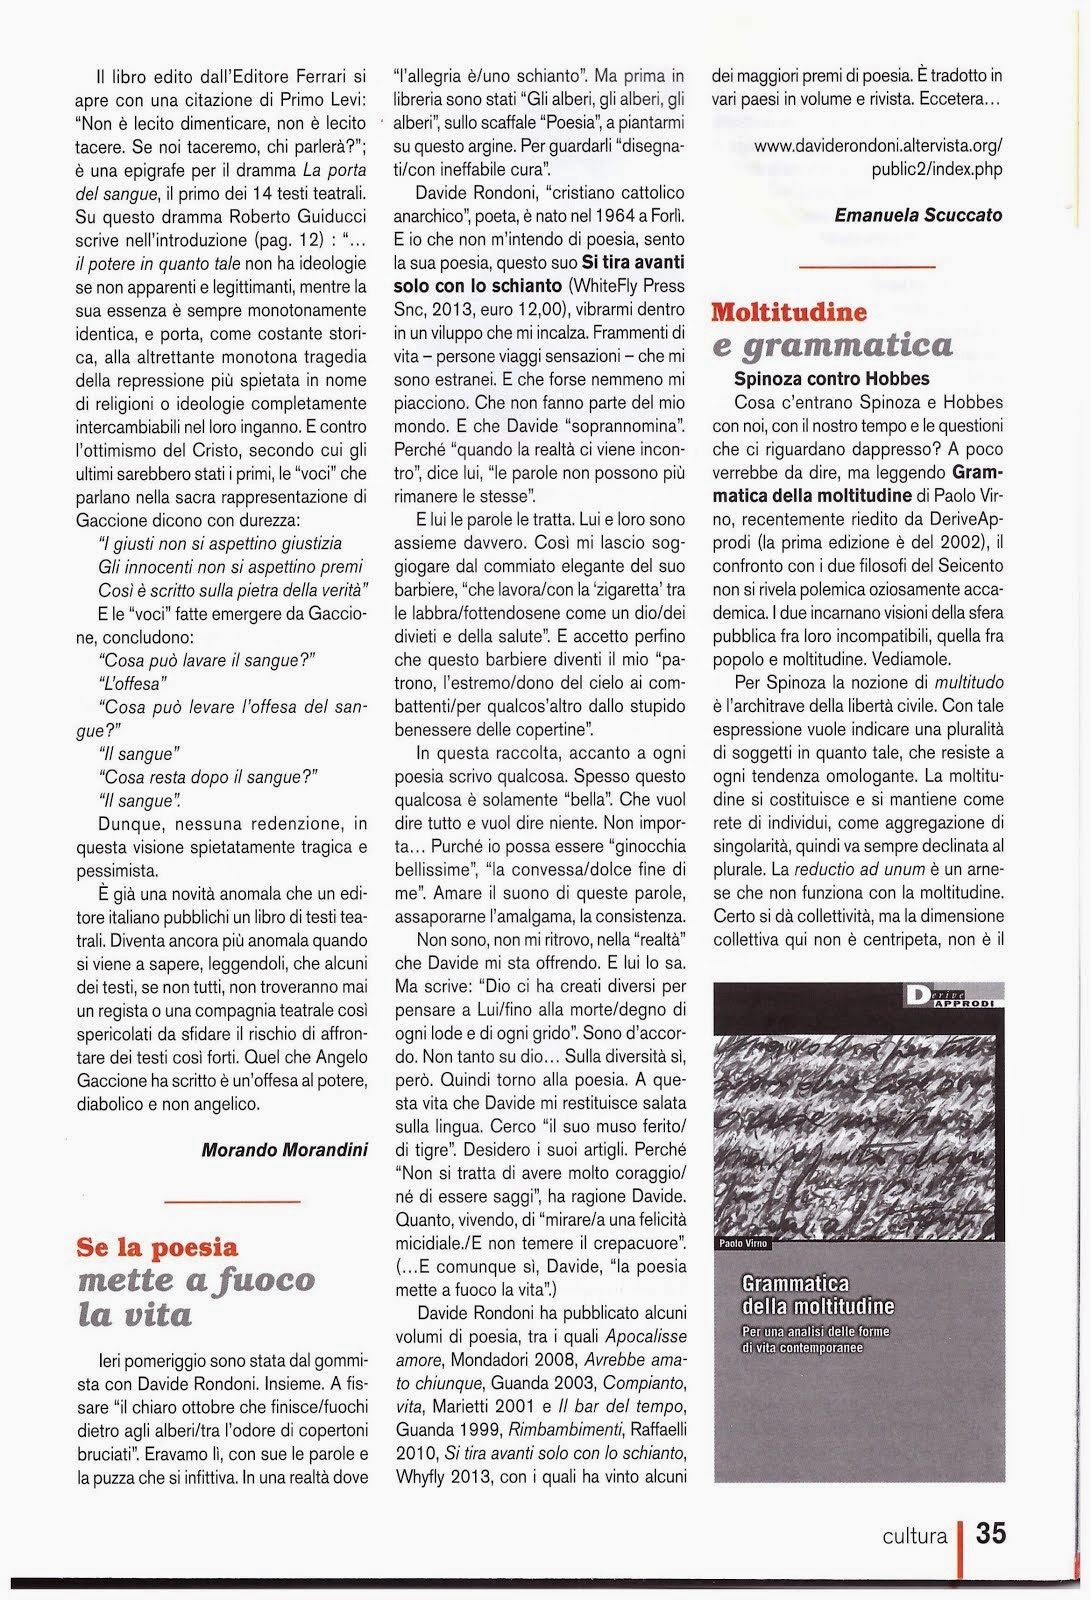 Rivista A Maggio 2014 (pag. seguente)